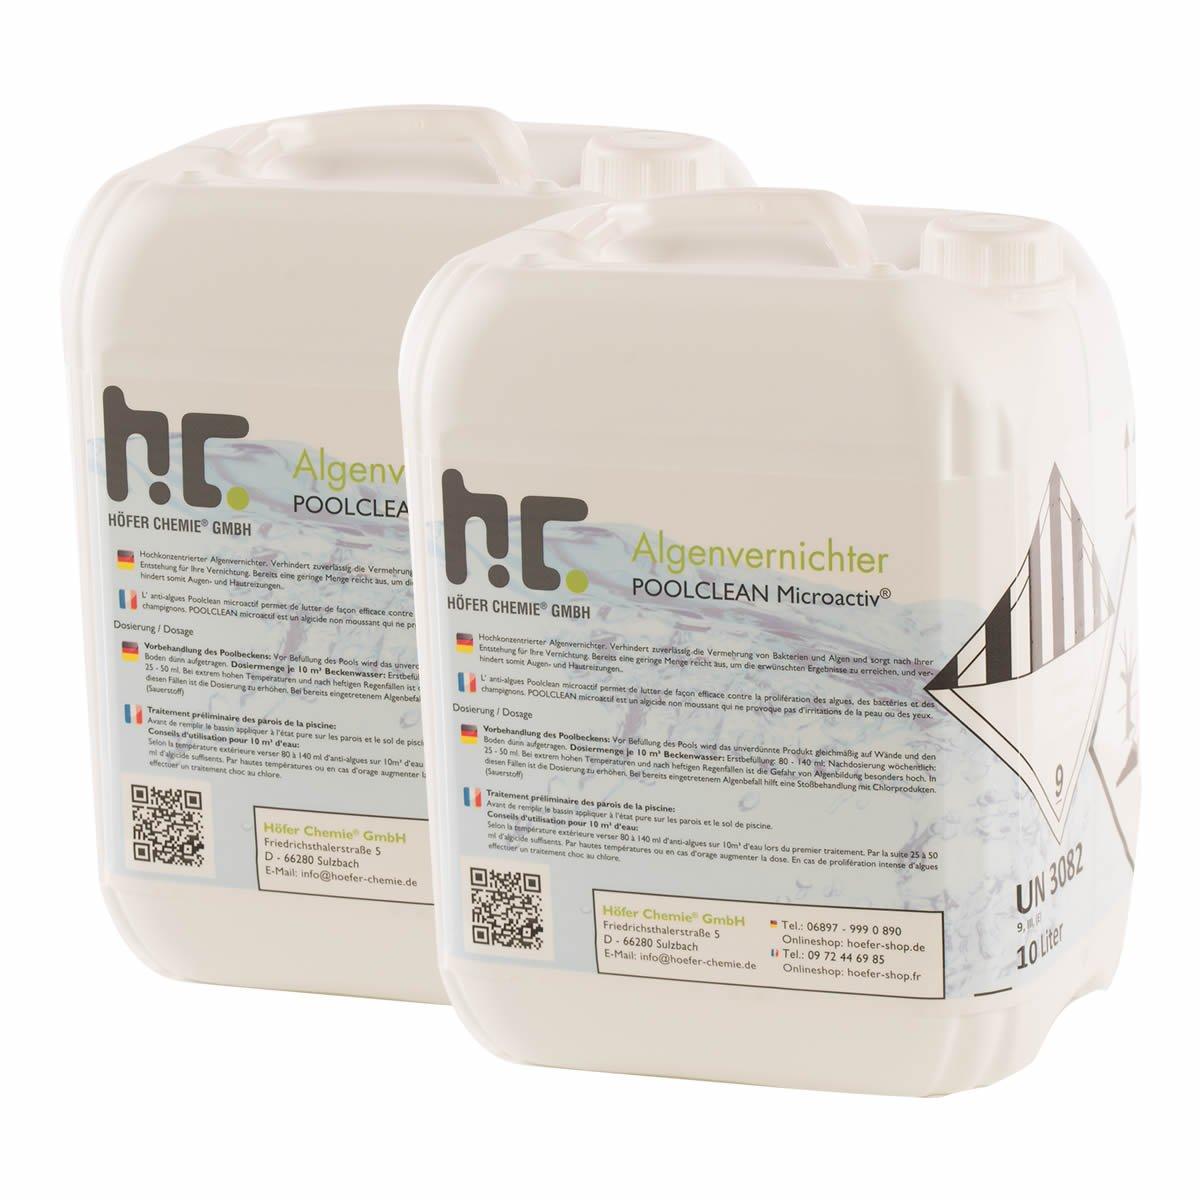 Höfer Chemie 2x10 L Pool Algenvernichter - Anti Algenmittel für Schwimmbad & Pool - schnelle Wirkung bei Algen Höfer Chemie GmbH